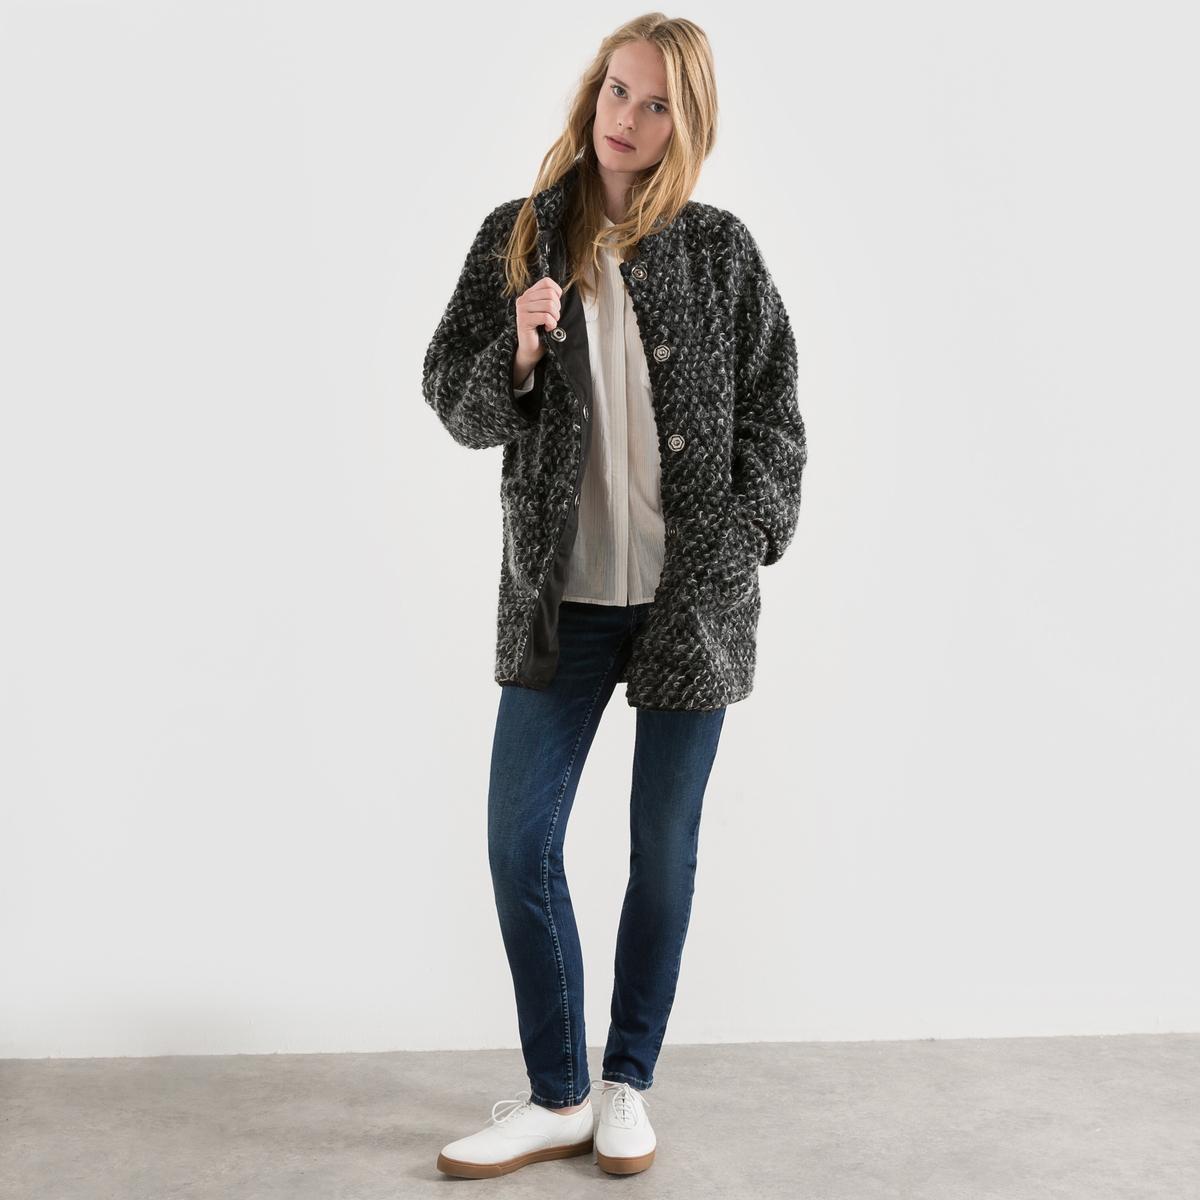 Пальто Gemmalia Wool MixСостав и описание :Марка : FREEMAN T. PORTER.Модель : Gemmalia Wool Mix.Материал     : 65% шерсть, 30% полиэстер, 5% мохер - Подкладка 100% полиэстерУход :Только сухая чистка.<br><br>Цвет: черный